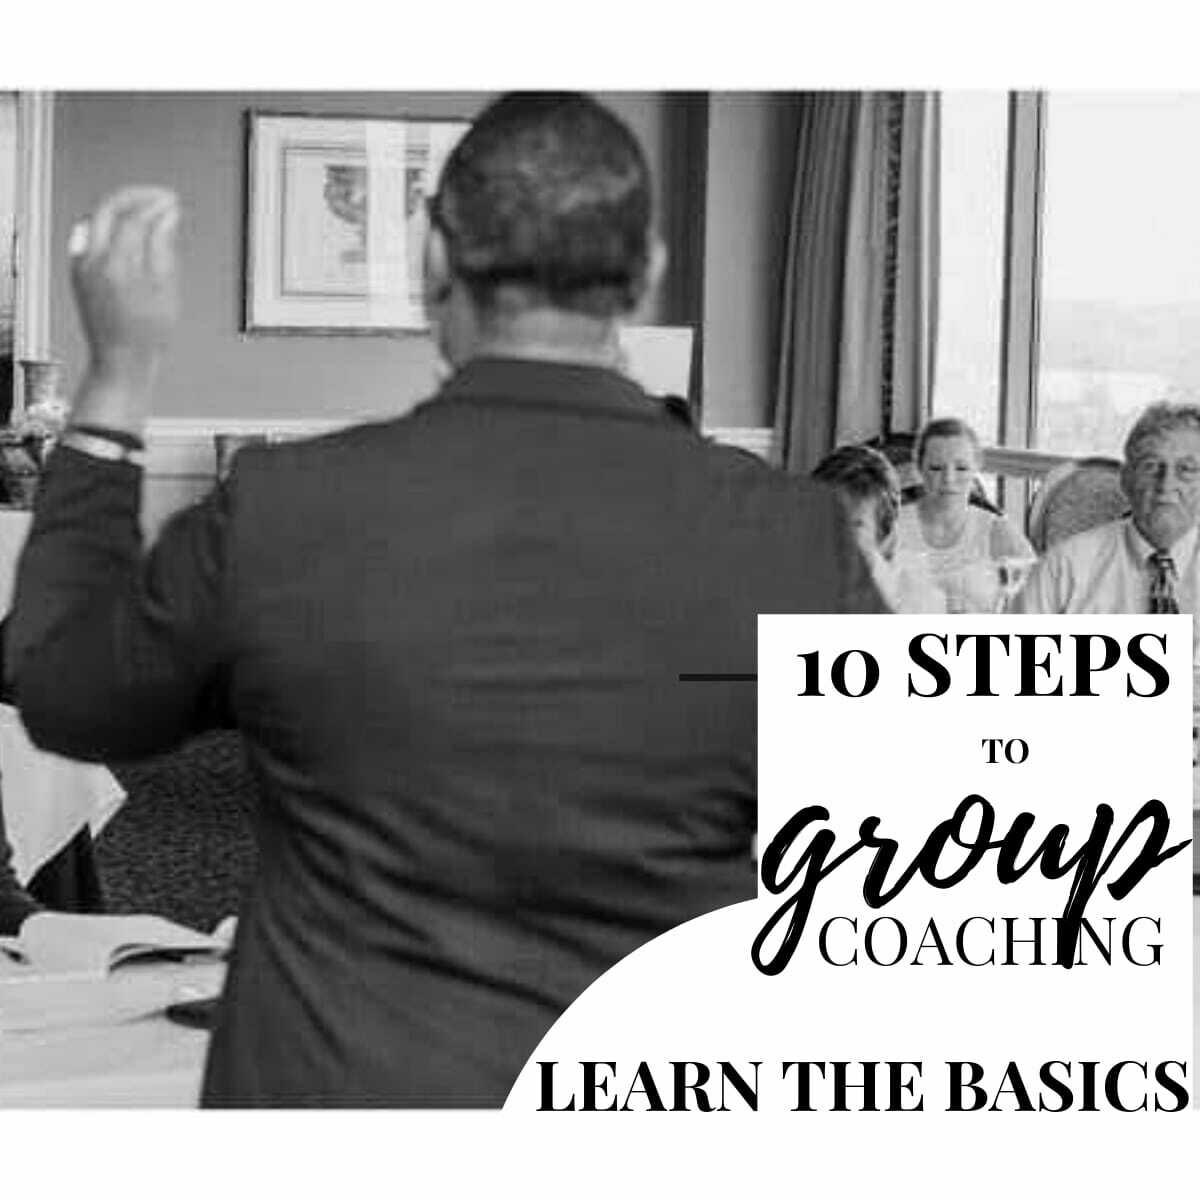 Life Coach Group Coaching Program